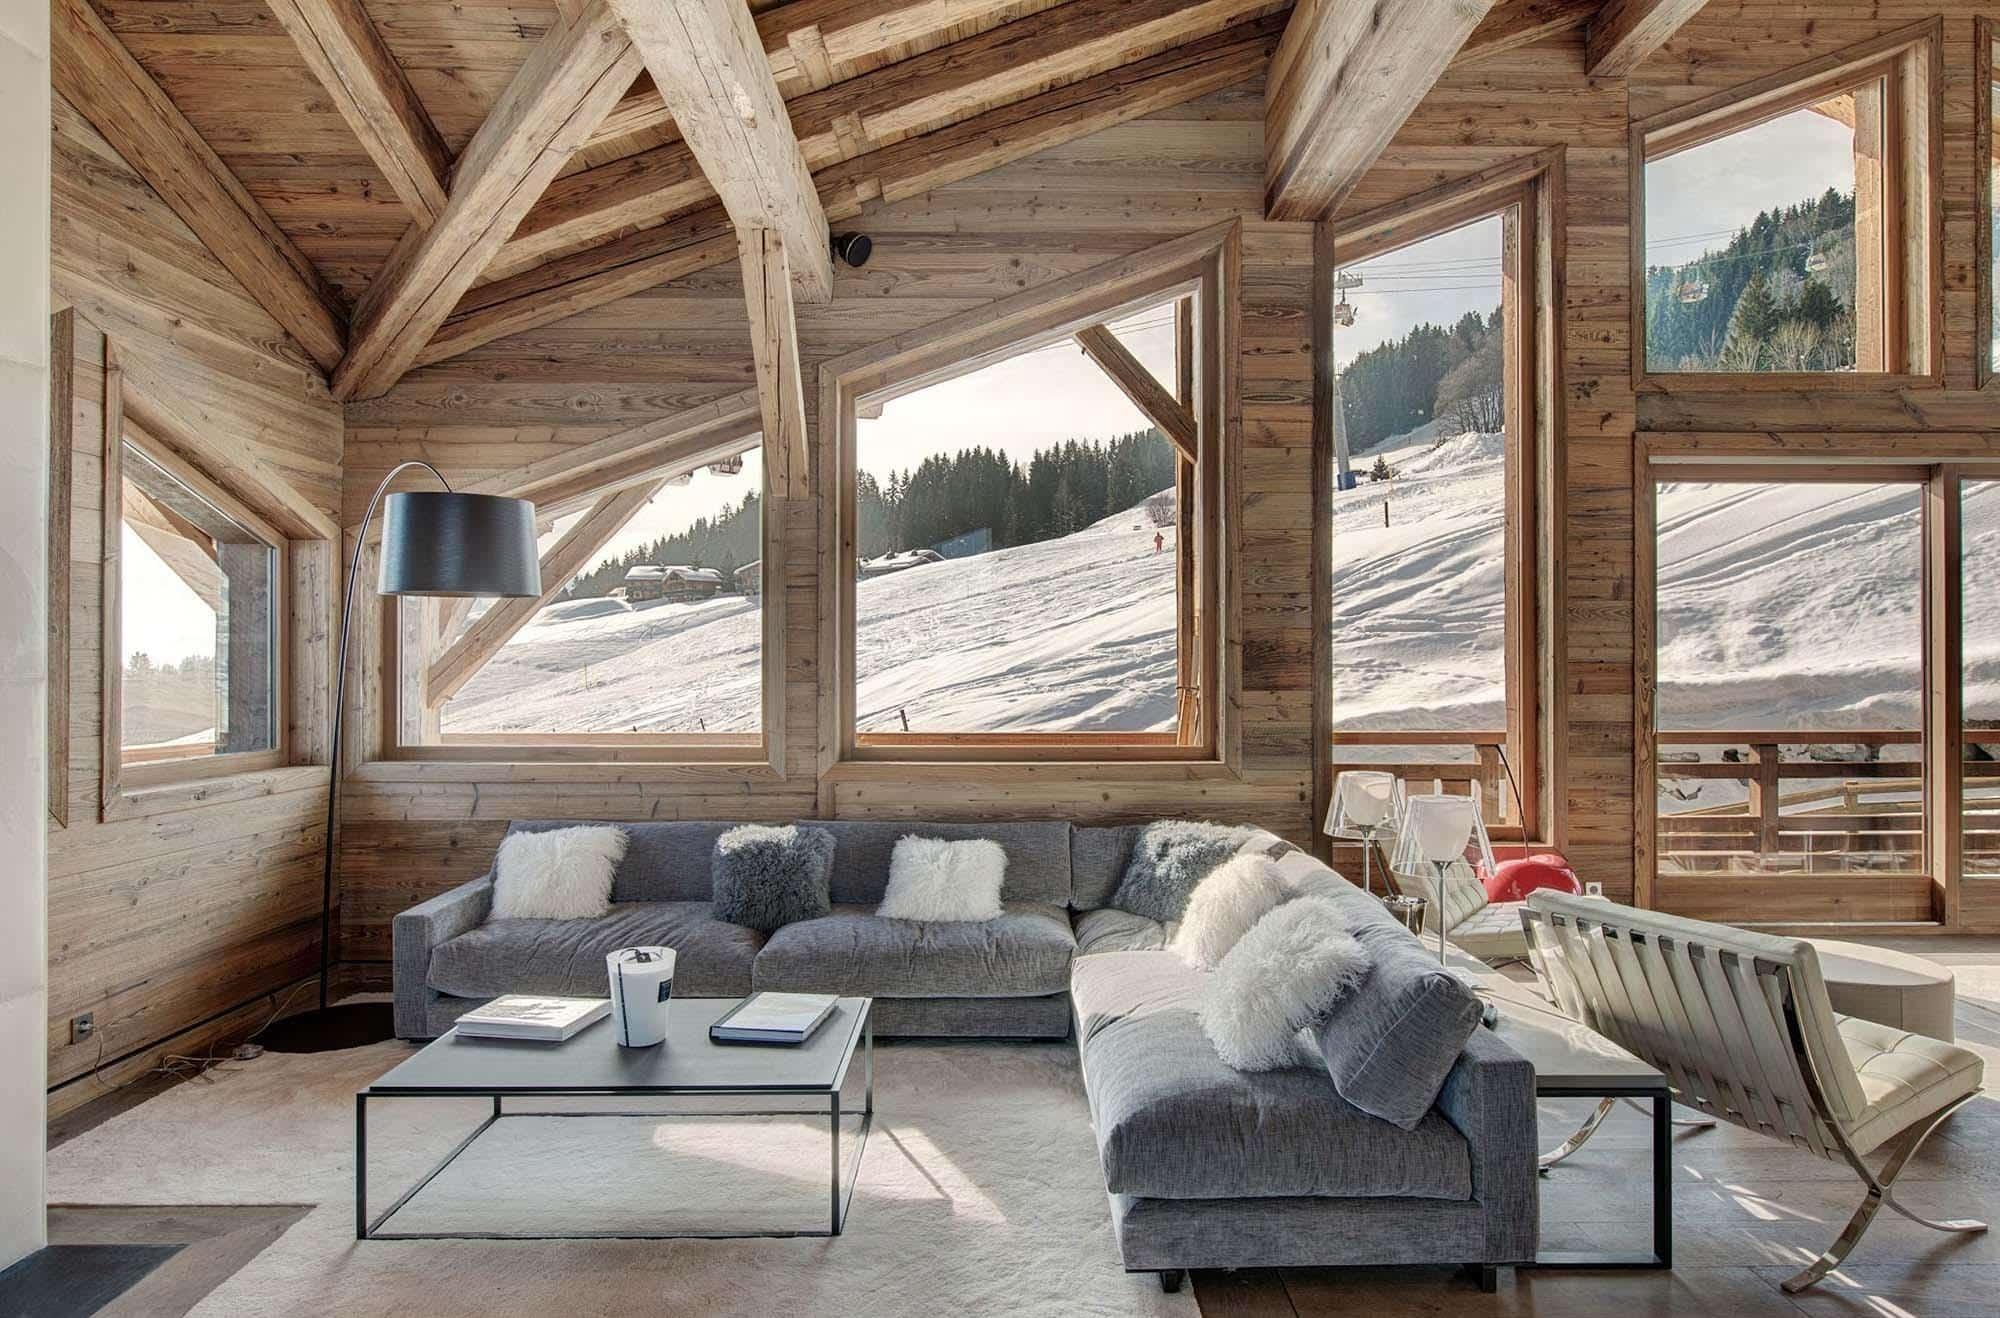 Яркие предметы, отвлекающее взгляд, неуместны в интерьере загородного дома в стиле шале